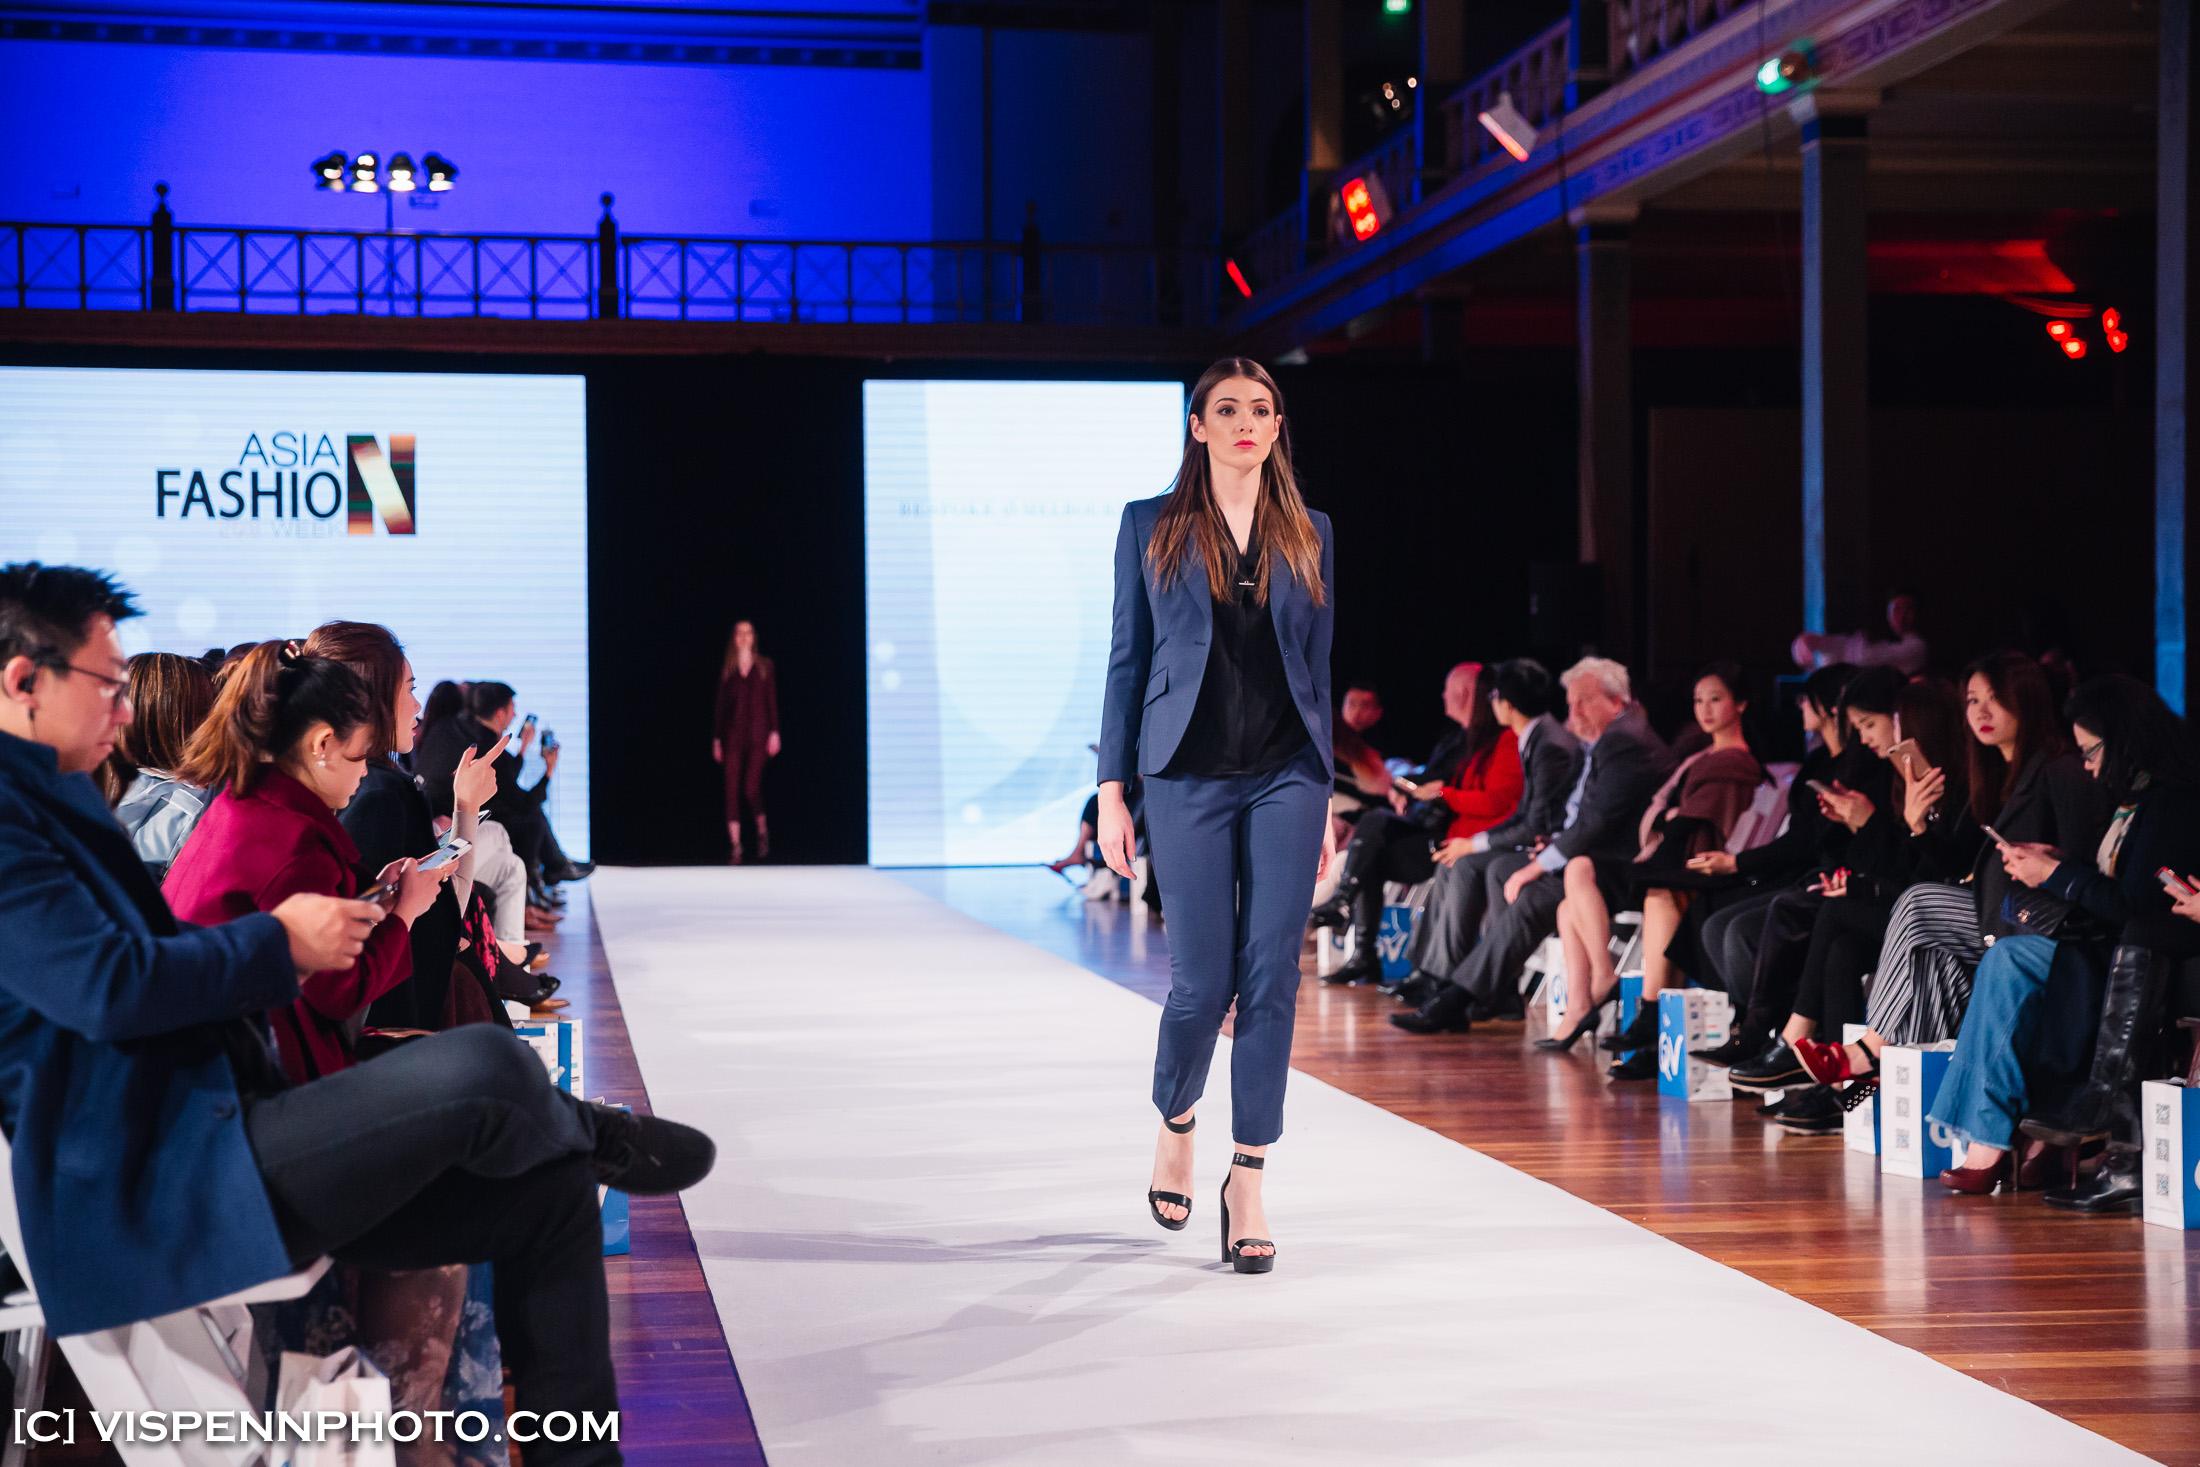 FashionShowStill5